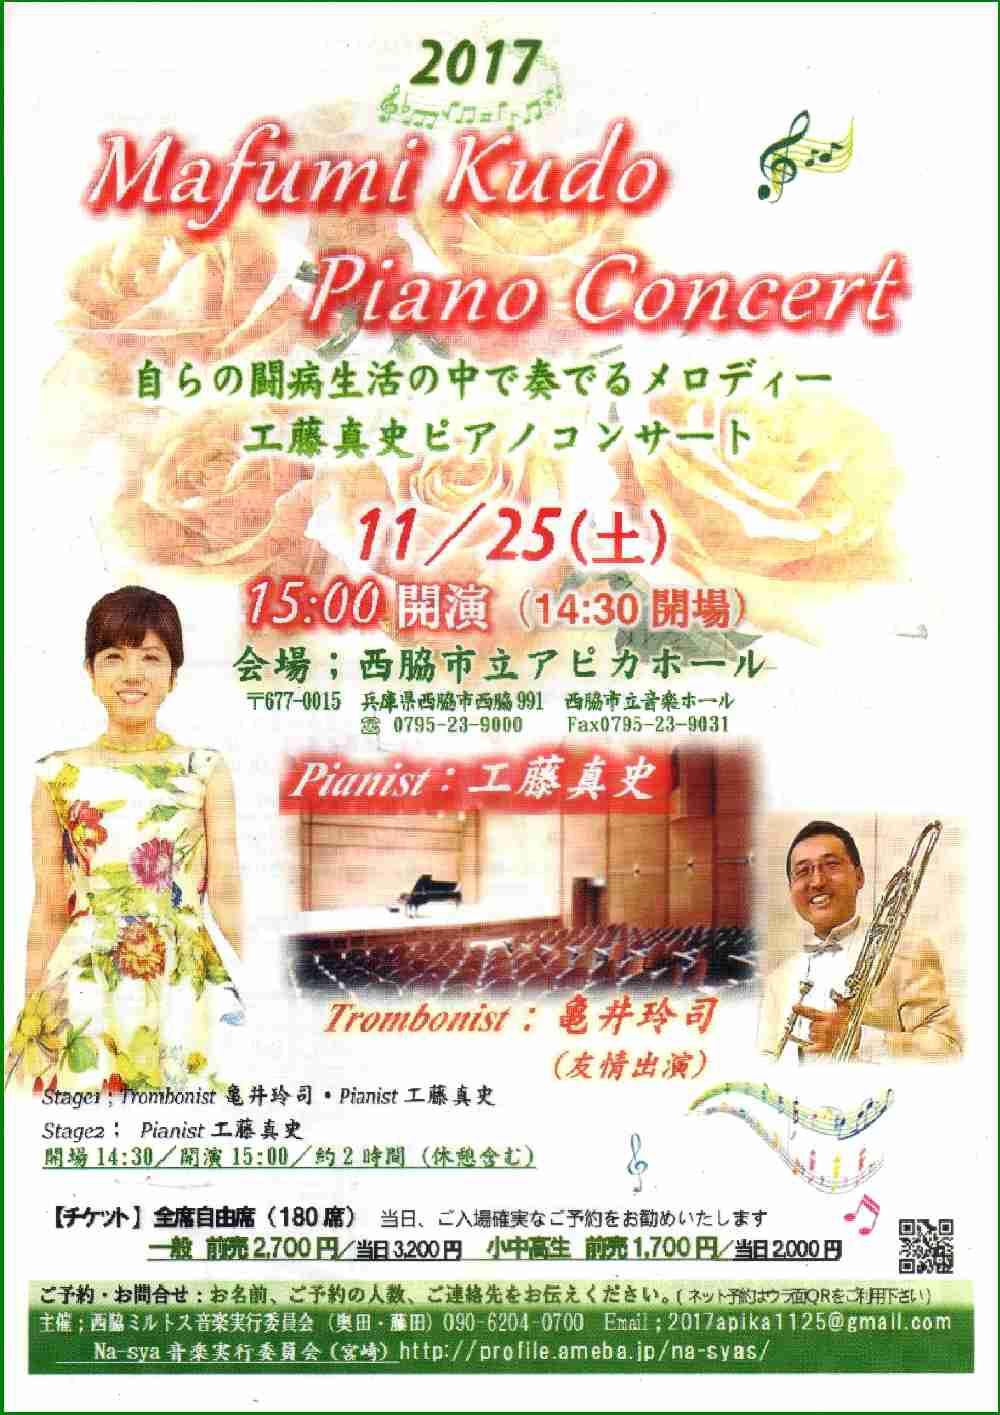 11/25  Mafumi Kudo Piano Concert:アピカホール